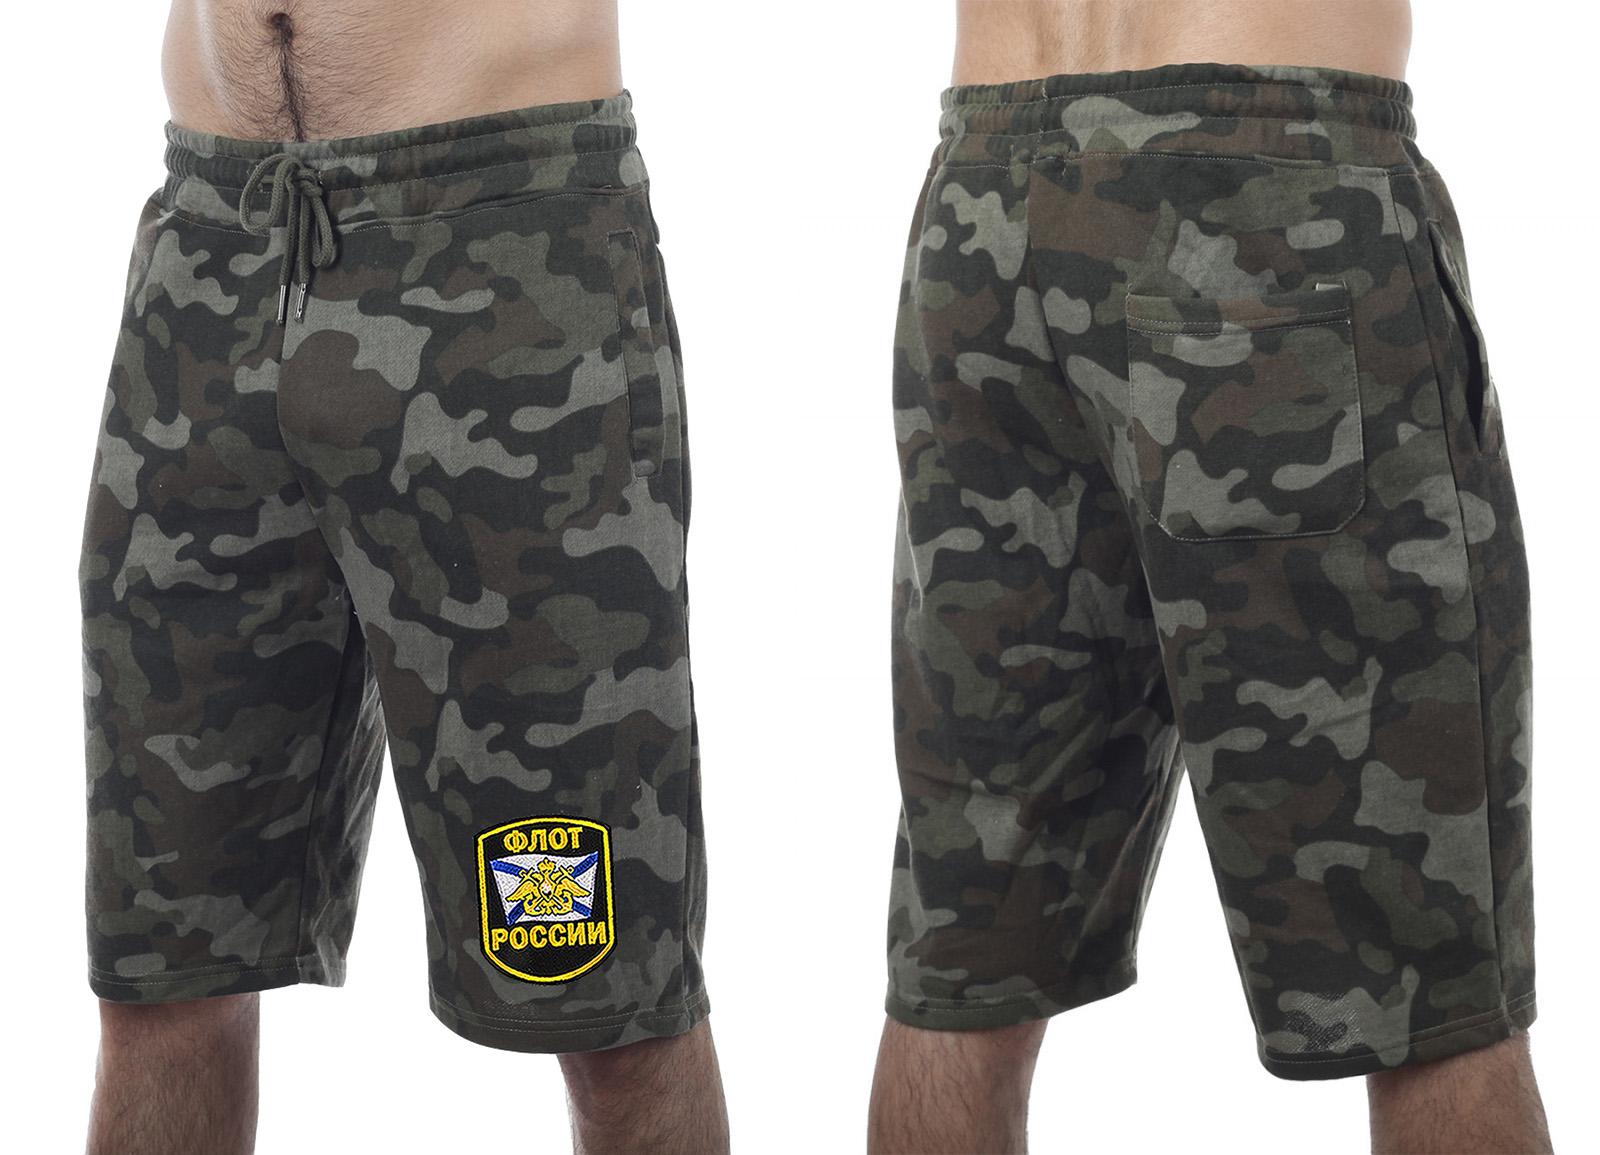 Камуфлированные мужские шорты с нашивкой Флот России - купить выгодно